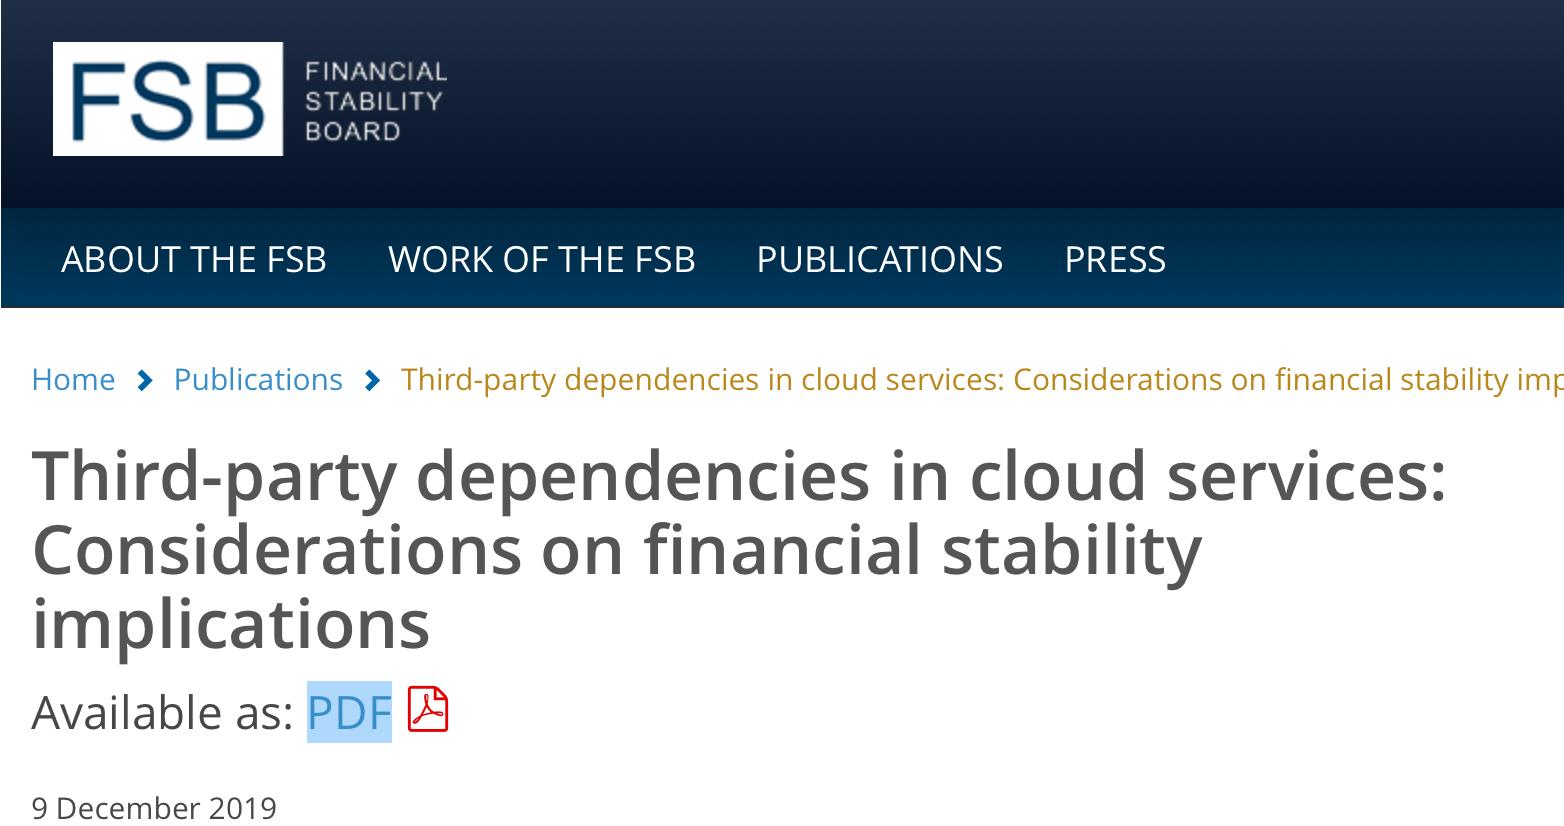 Financial Stability Board o chmurze. Czy lokalne centra danych to dobre rozwiązanie?